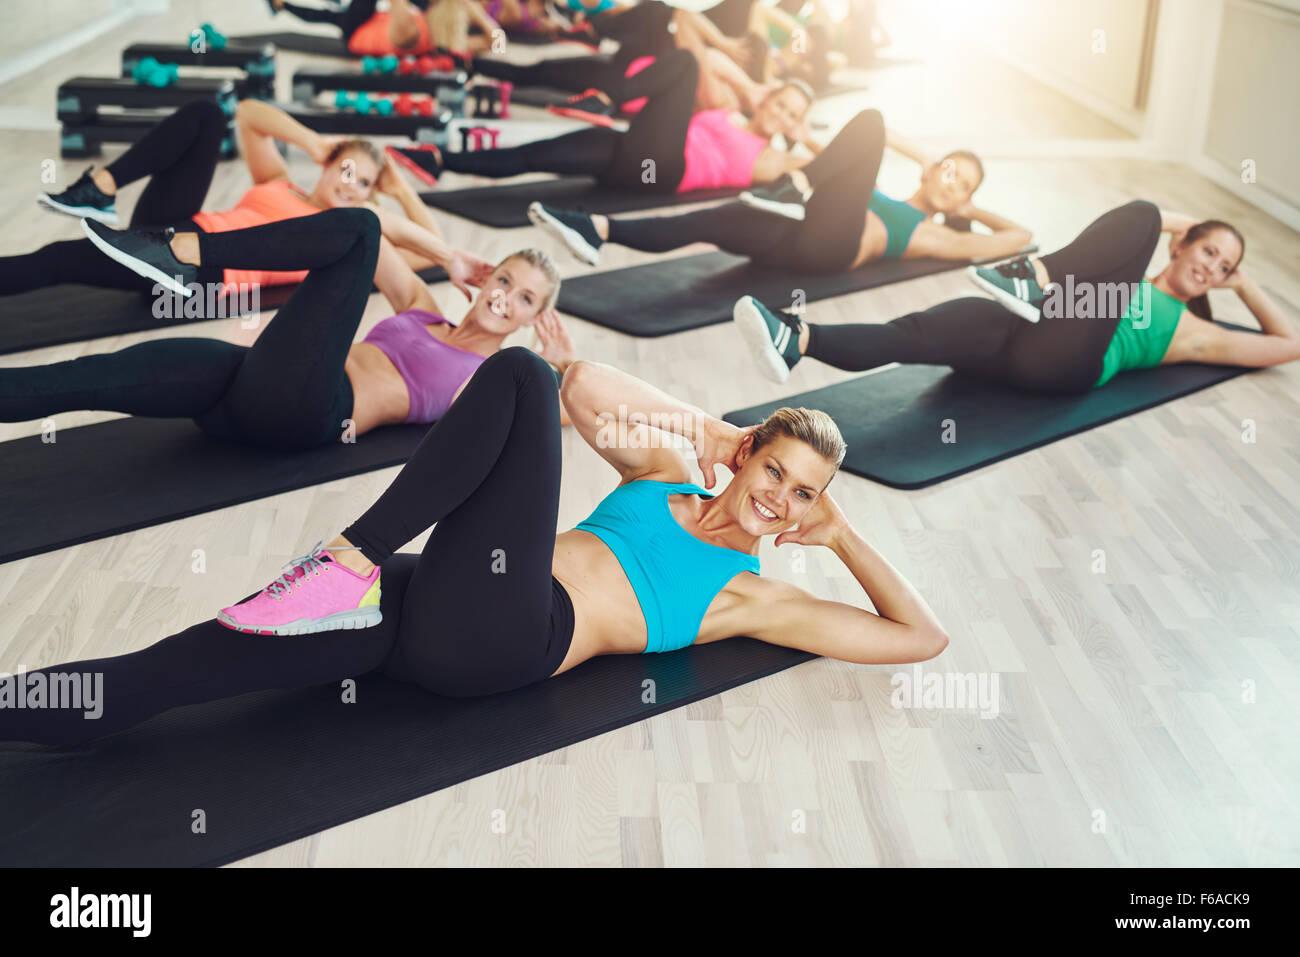 Groupe de mettre en place des jeunes femmes dans une salle de sport portant des vêtements colorés de vous Photo Stock